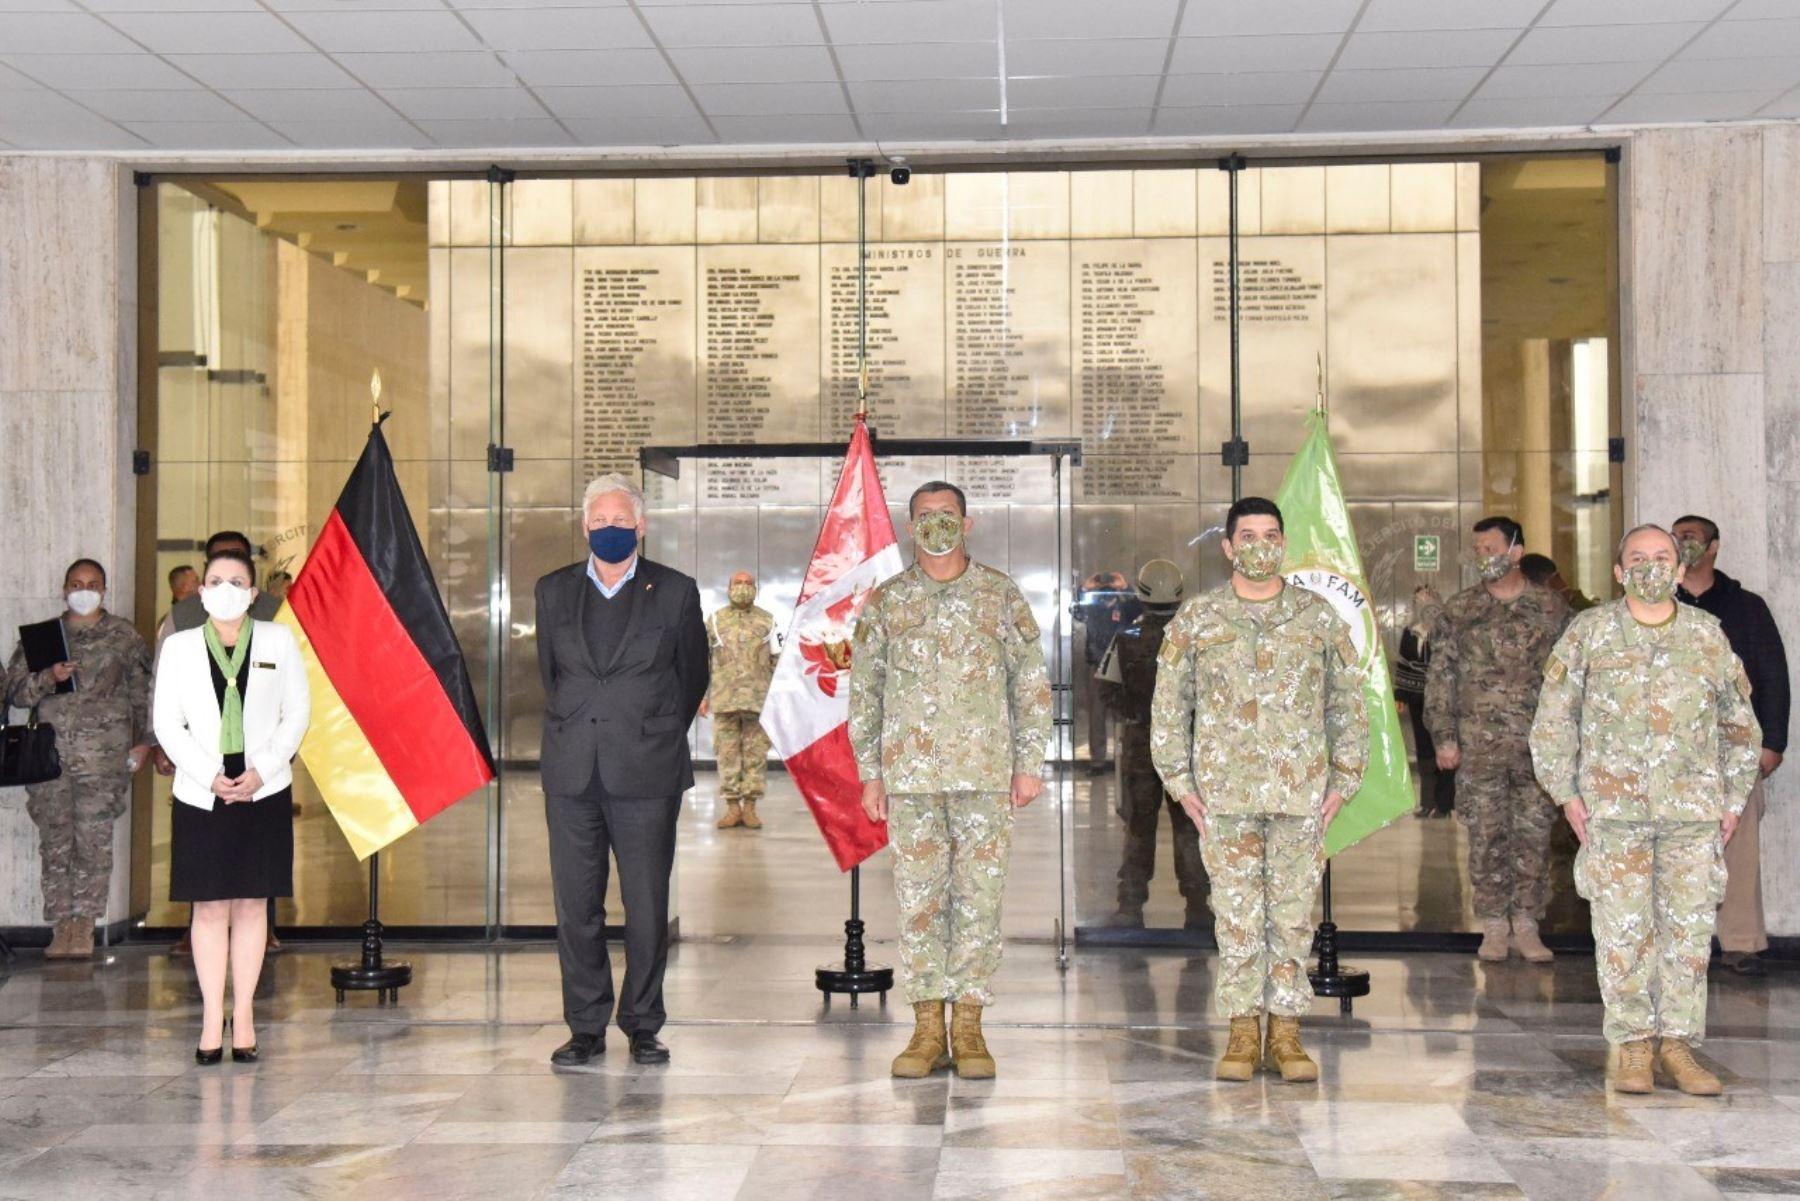 Photo: German Embassy in Peru